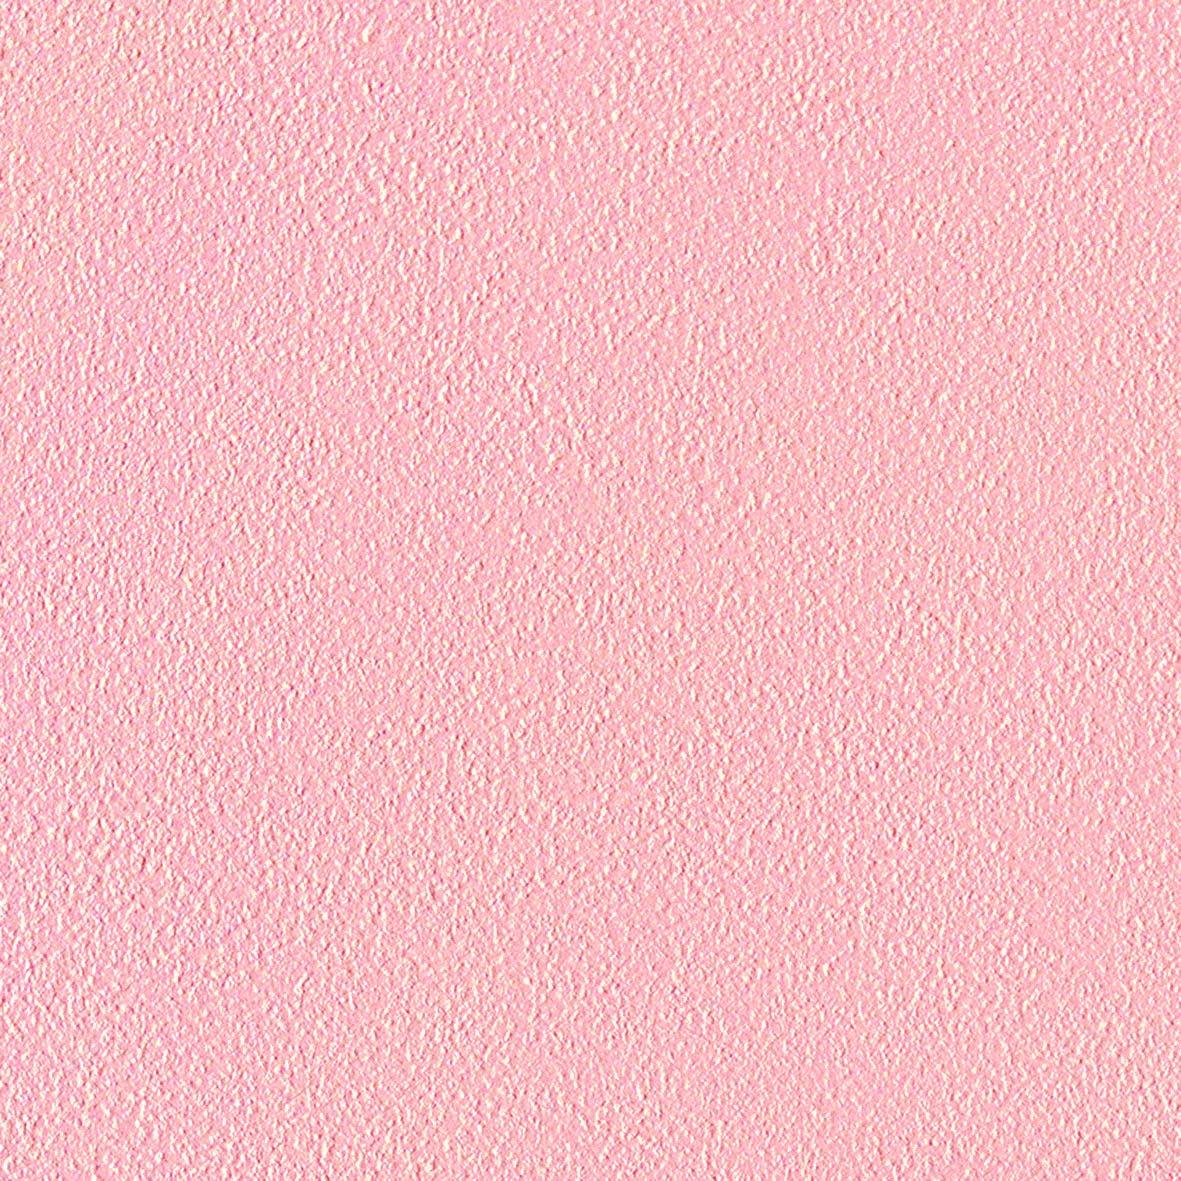 リリカラ 壁紙45m シンフル 石目調 ピンク LL-8217 B01N3P2WPQ 45m|ピンク2